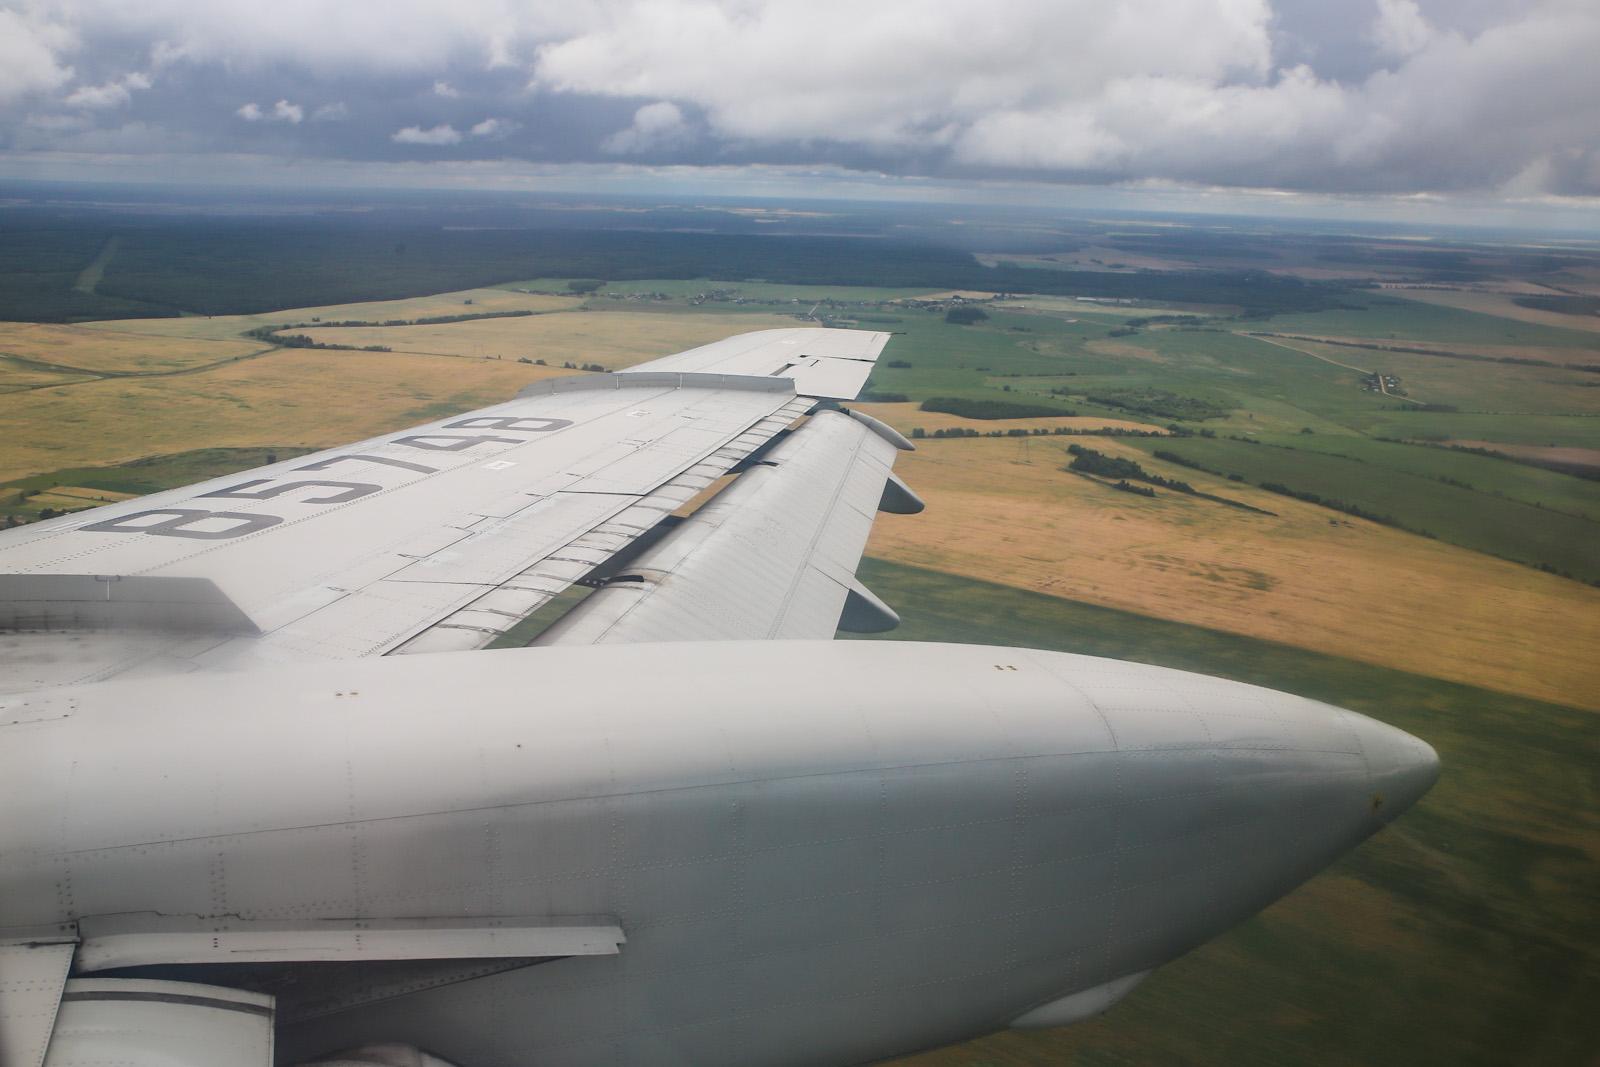 Заход на посадку в аэропорту Минска